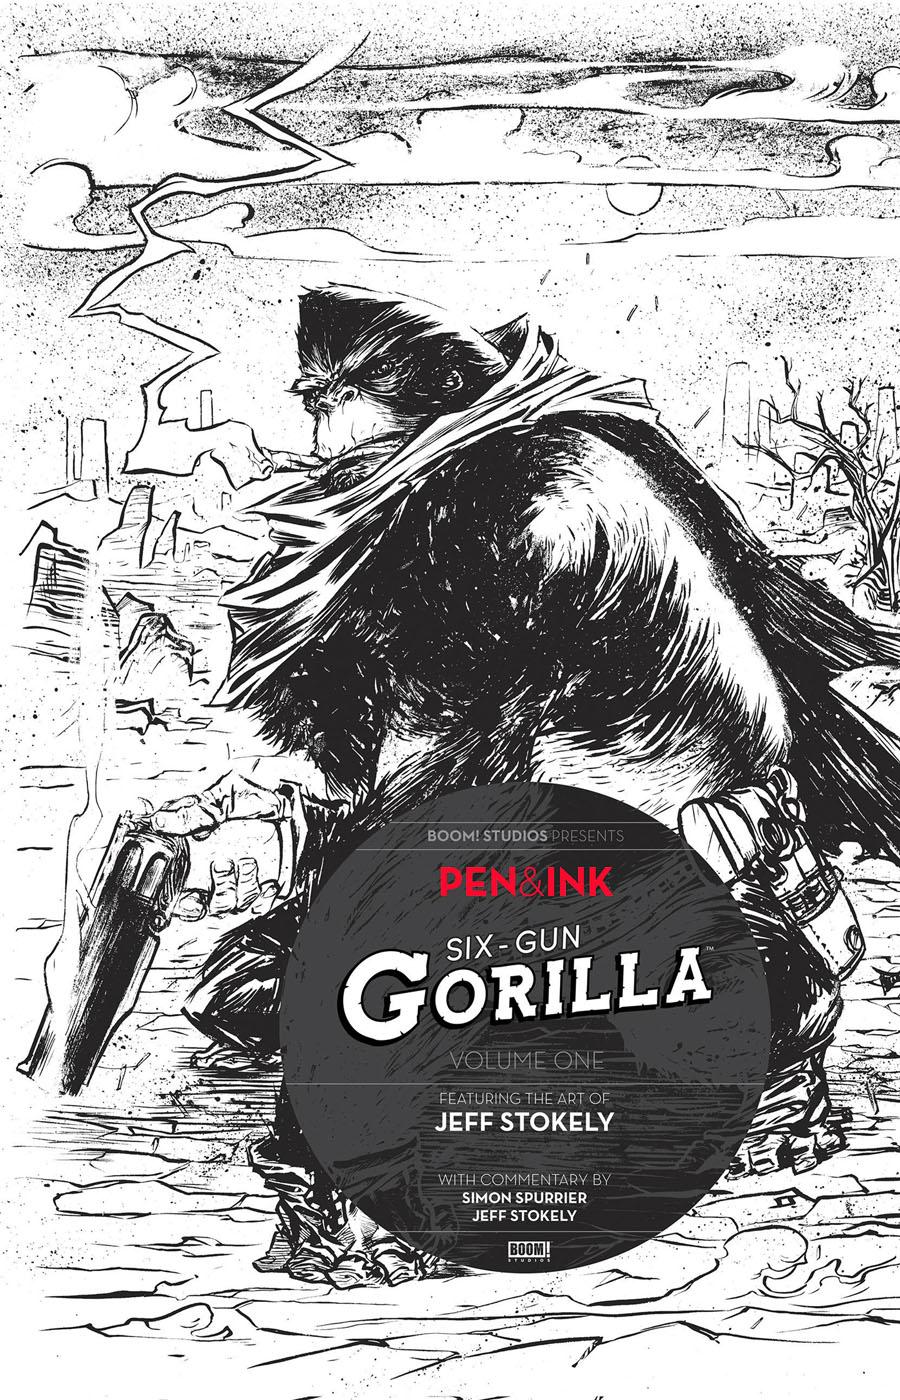 Six-Gun Gorilla Pen & Ink #1